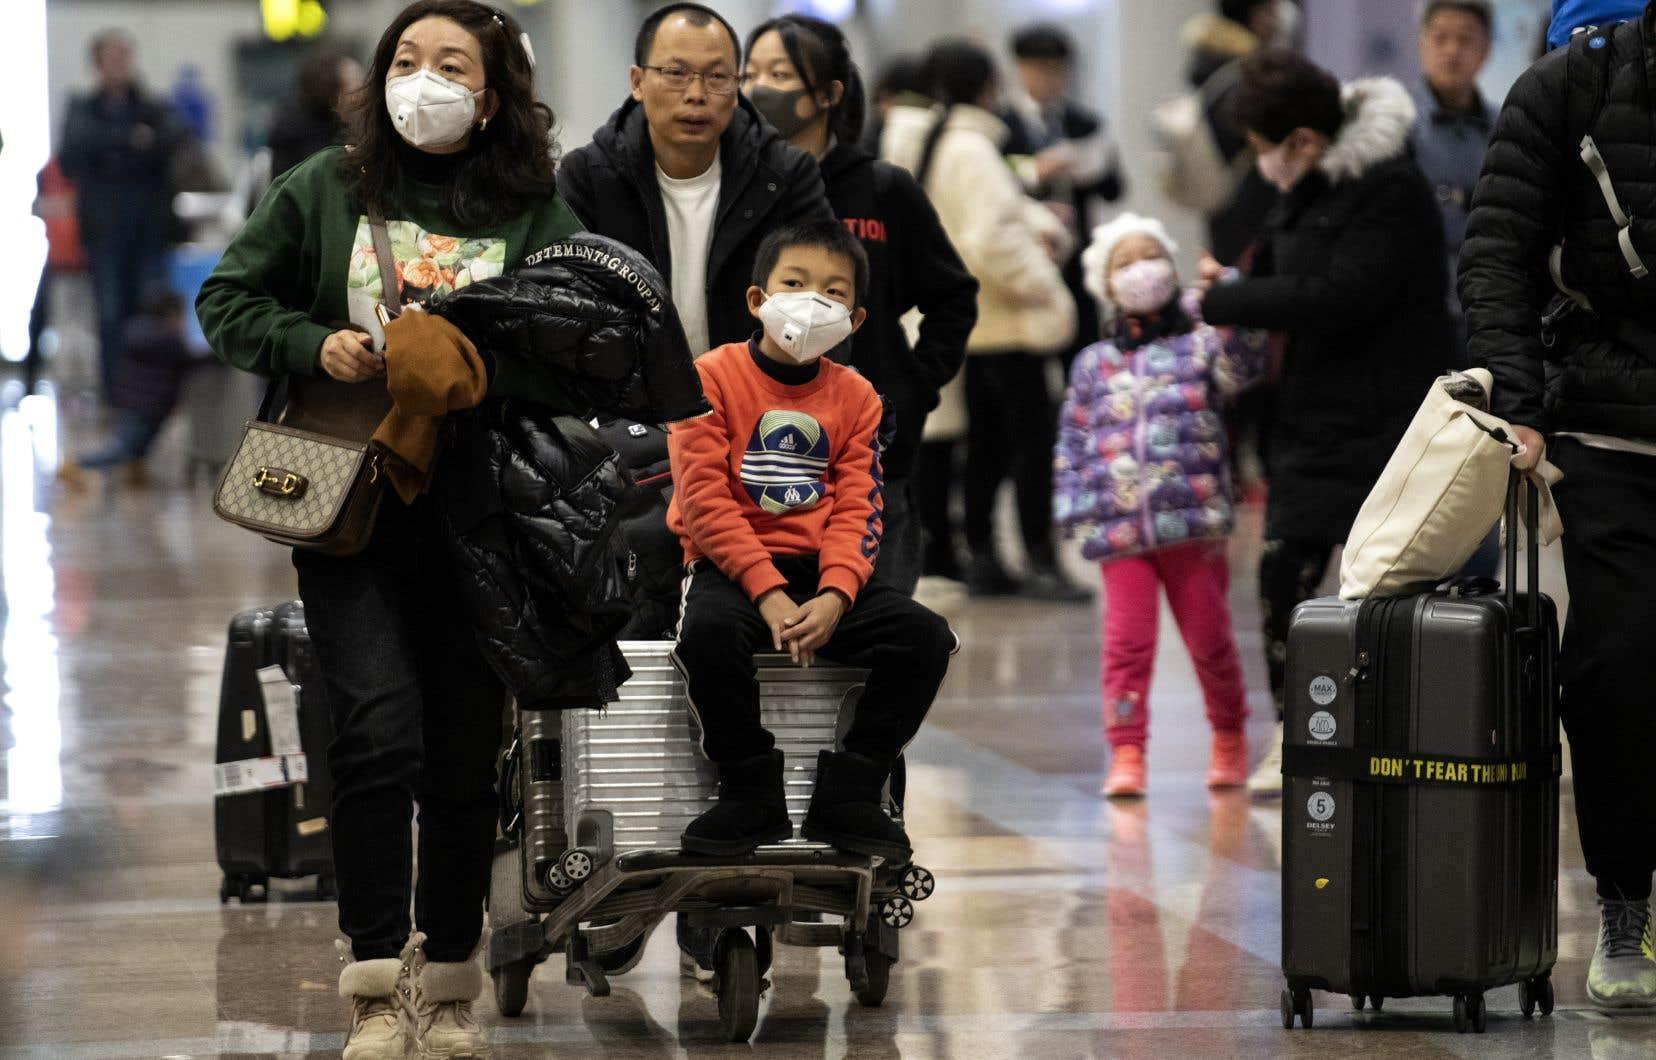 Les États-Unis deviennent le cinquième pays touché par le coronavirus, après la Chine, le Japon, la Thaïlande et la Corée du Sud.